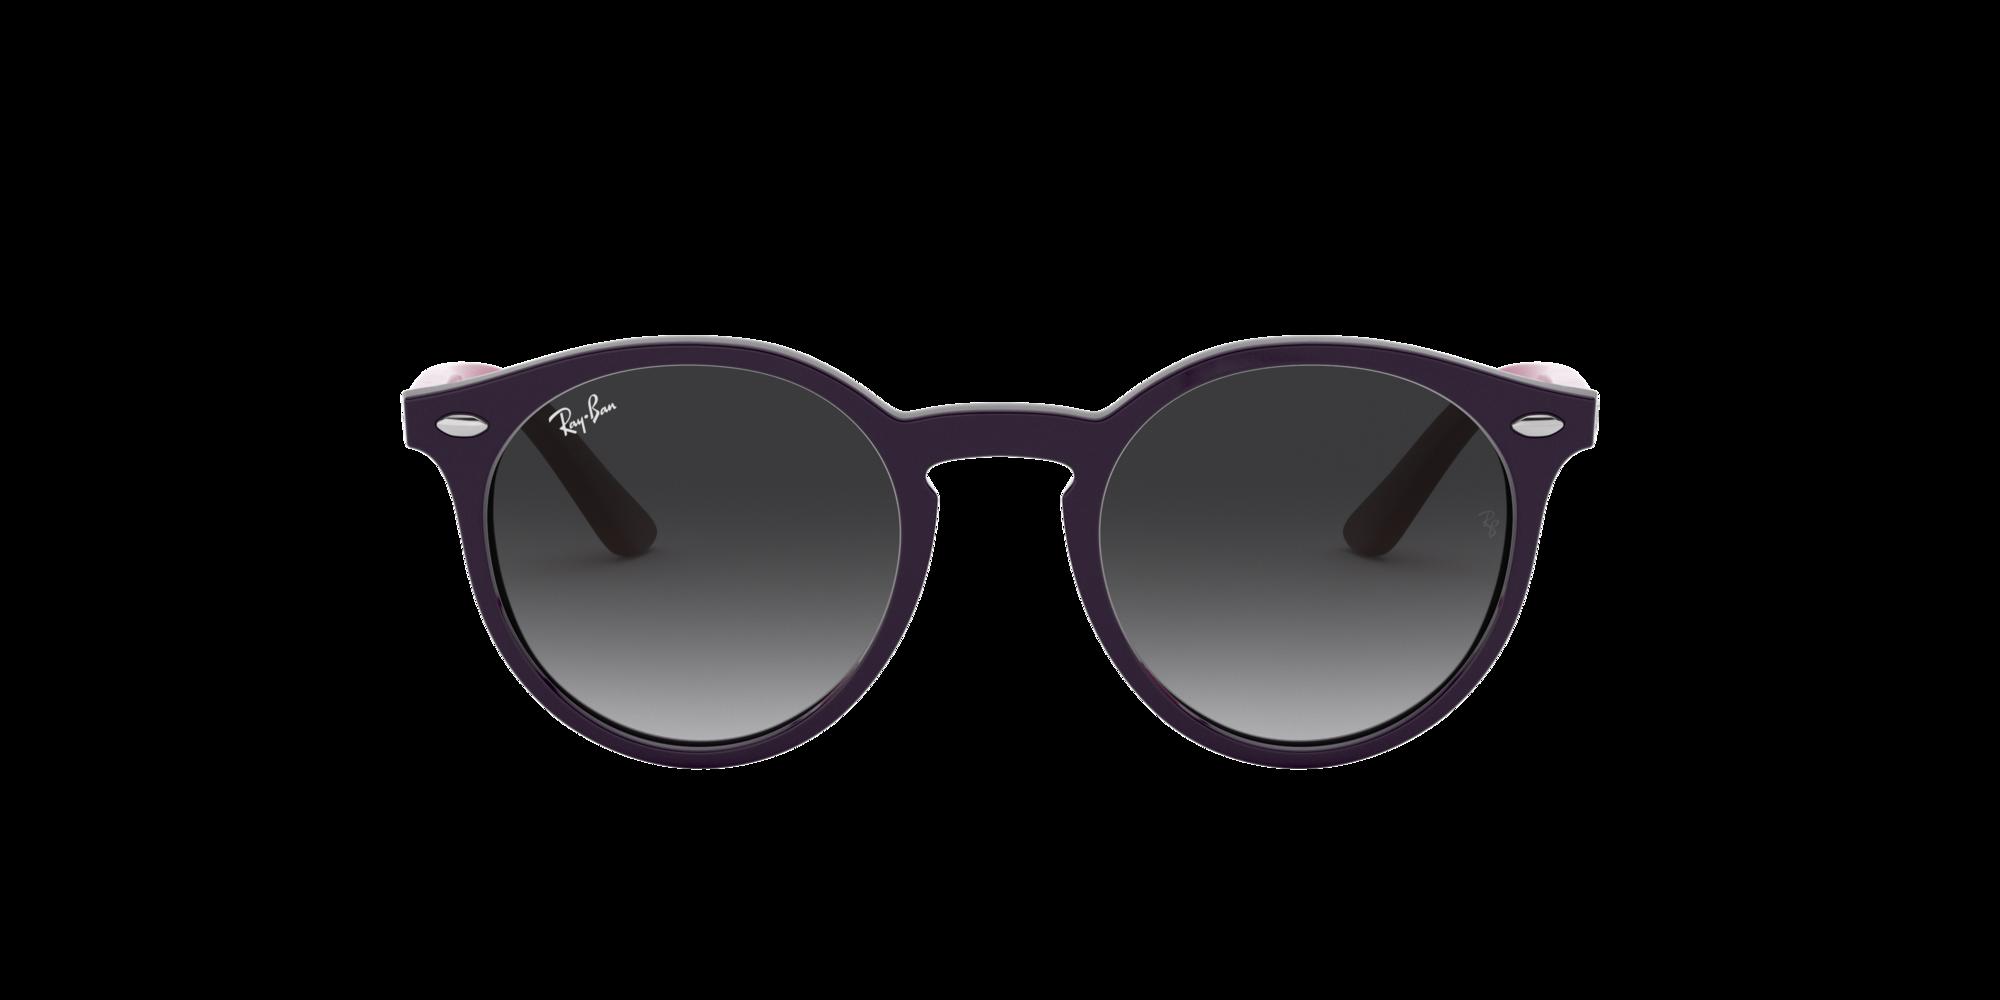 Imagen para RJ9064S 44 de LensCrafters    Espejuelos, espejuelos graduados en línea, gafas